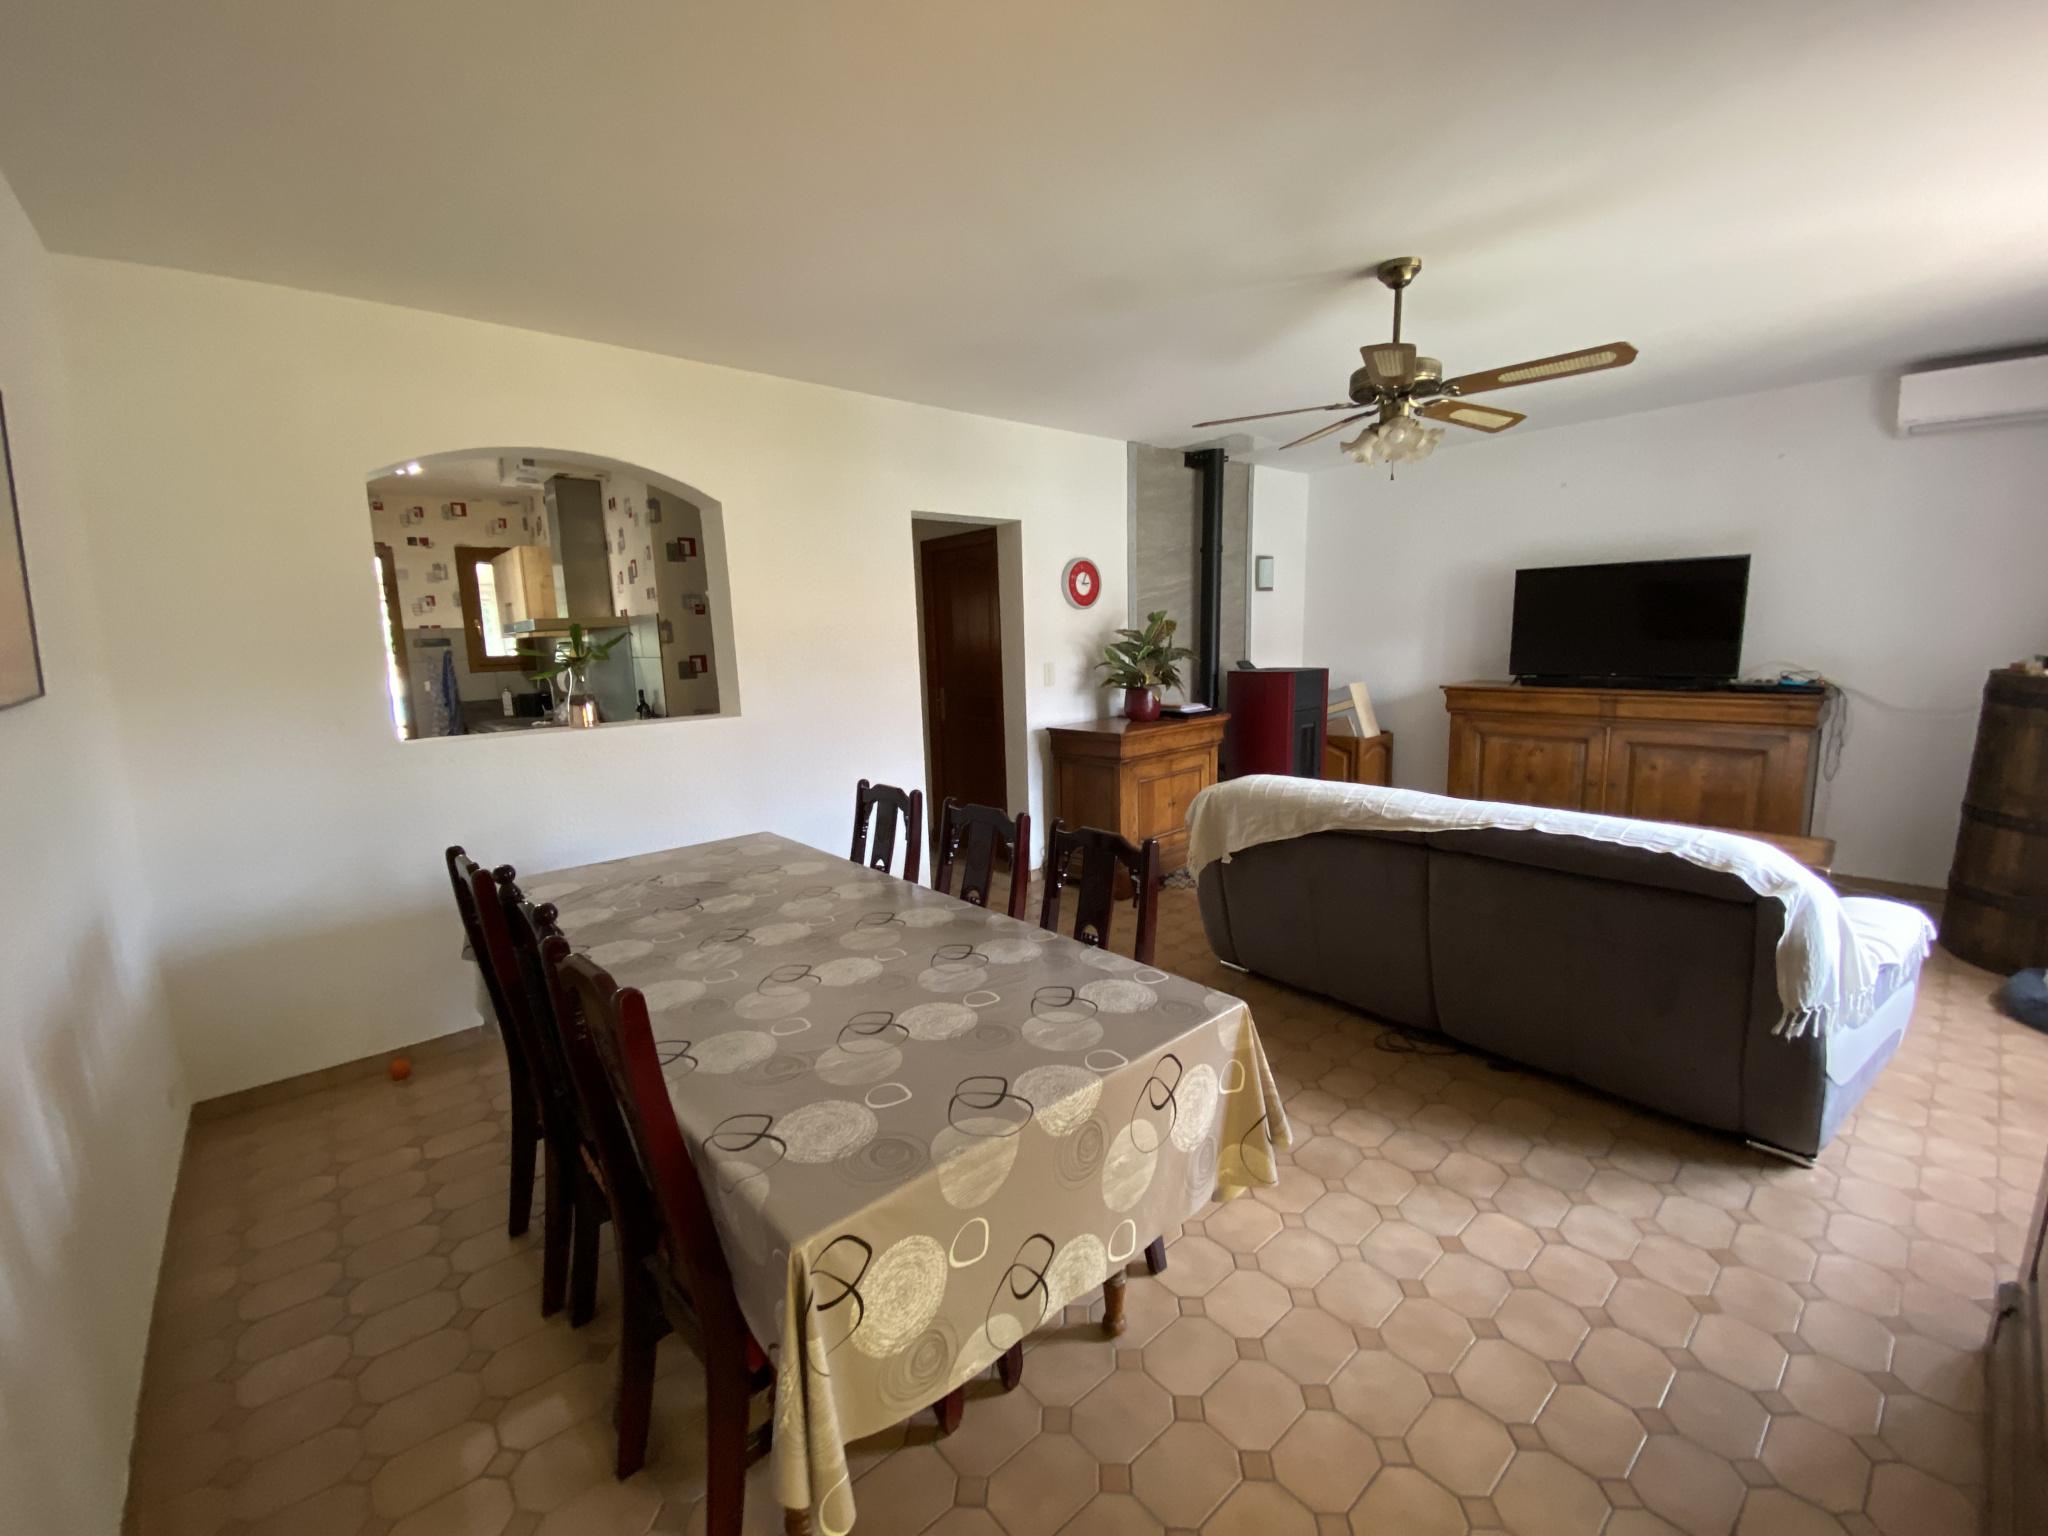 À vendre maison/villa de 90m2 à st genis des fontaines (66740) - Photo 5'